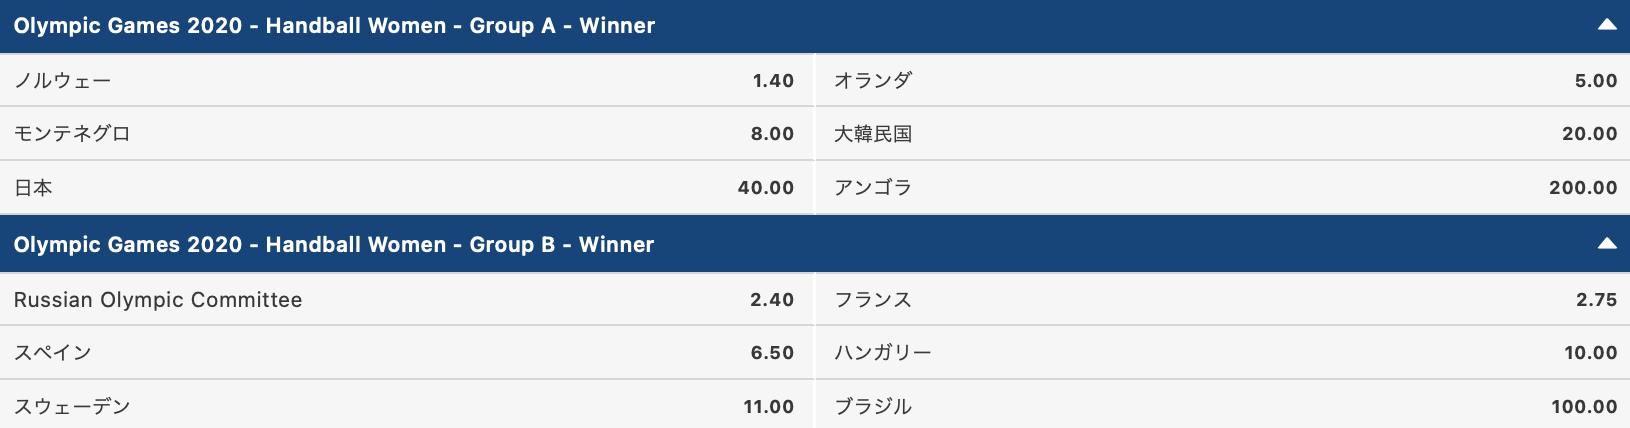 東京五輪ハンドボール女子予選ラウンド1位通過予想オッズ